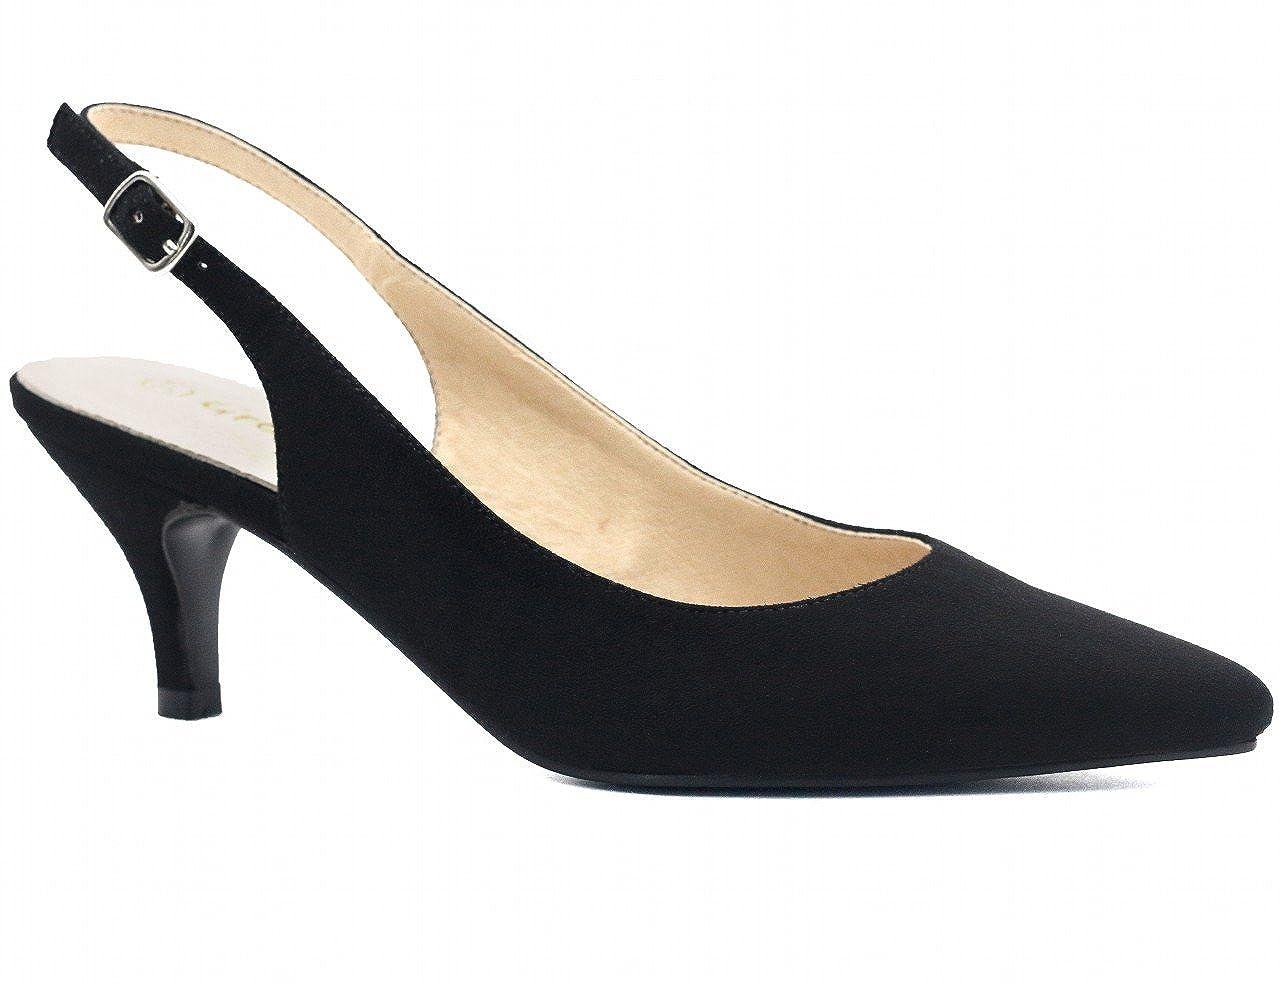 16d3f94b2b4 Greatonu womens slingback dress pump pumps jpg 1279x984 Dressy low heel  shoes